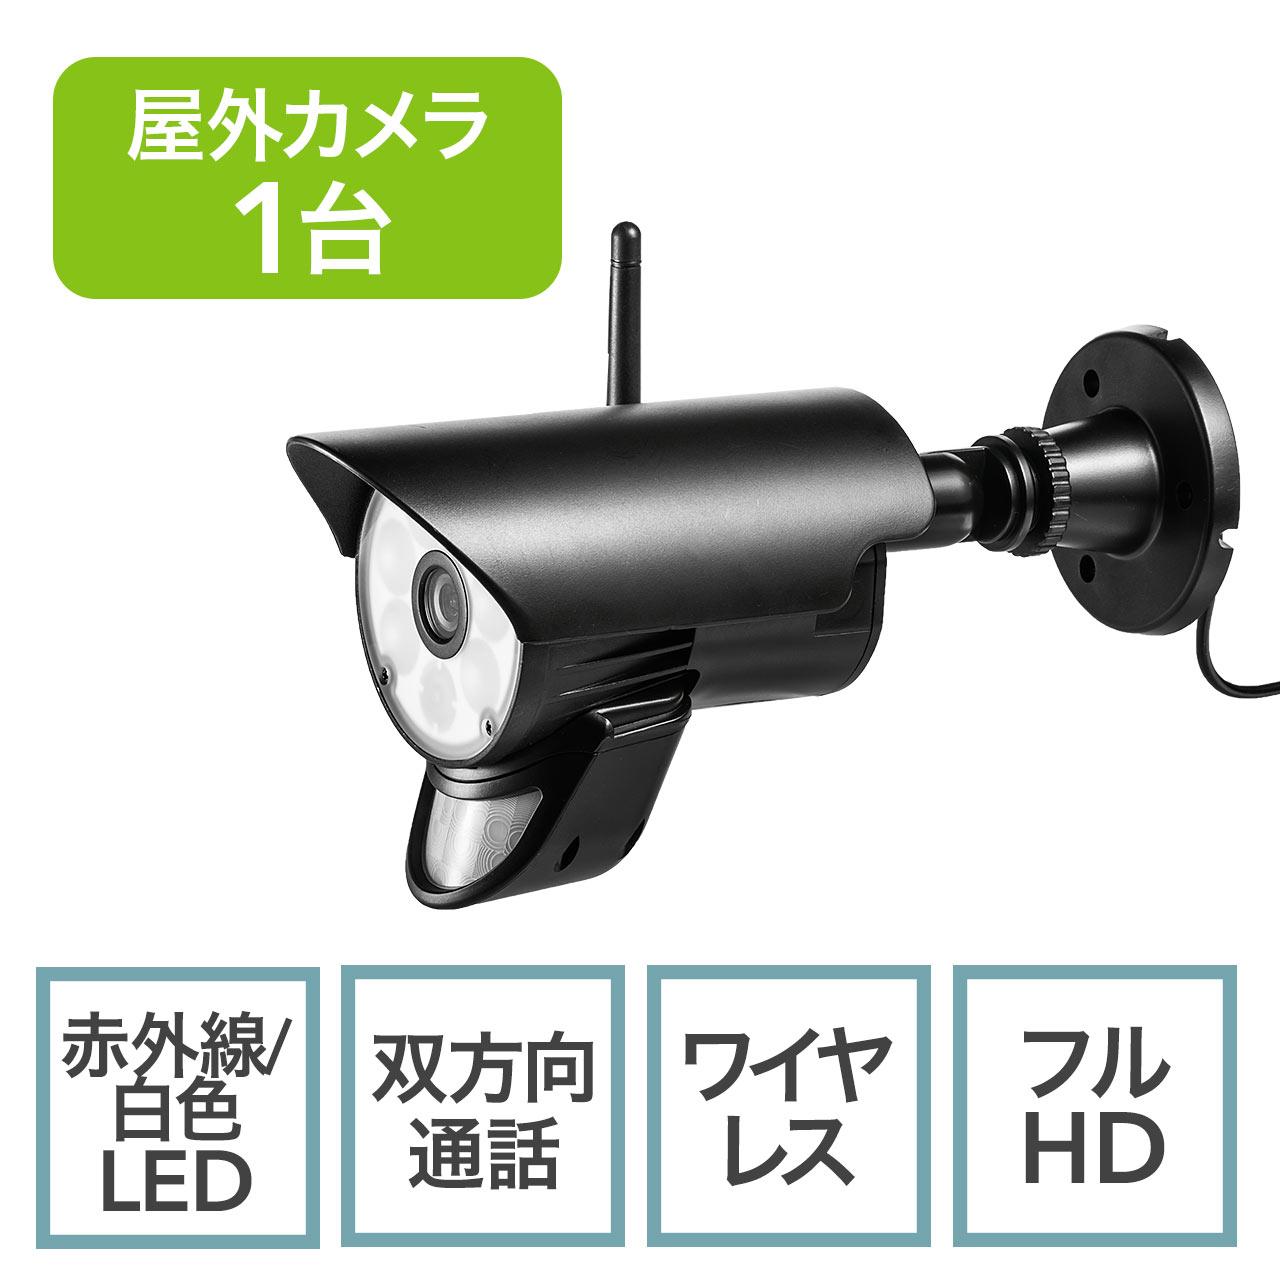 防犯カメラ(屋外・防水IP65対応・400-CAM075専用・増設用・1台) サンワダイレクト サンワサプライ 400-CAM075UTC